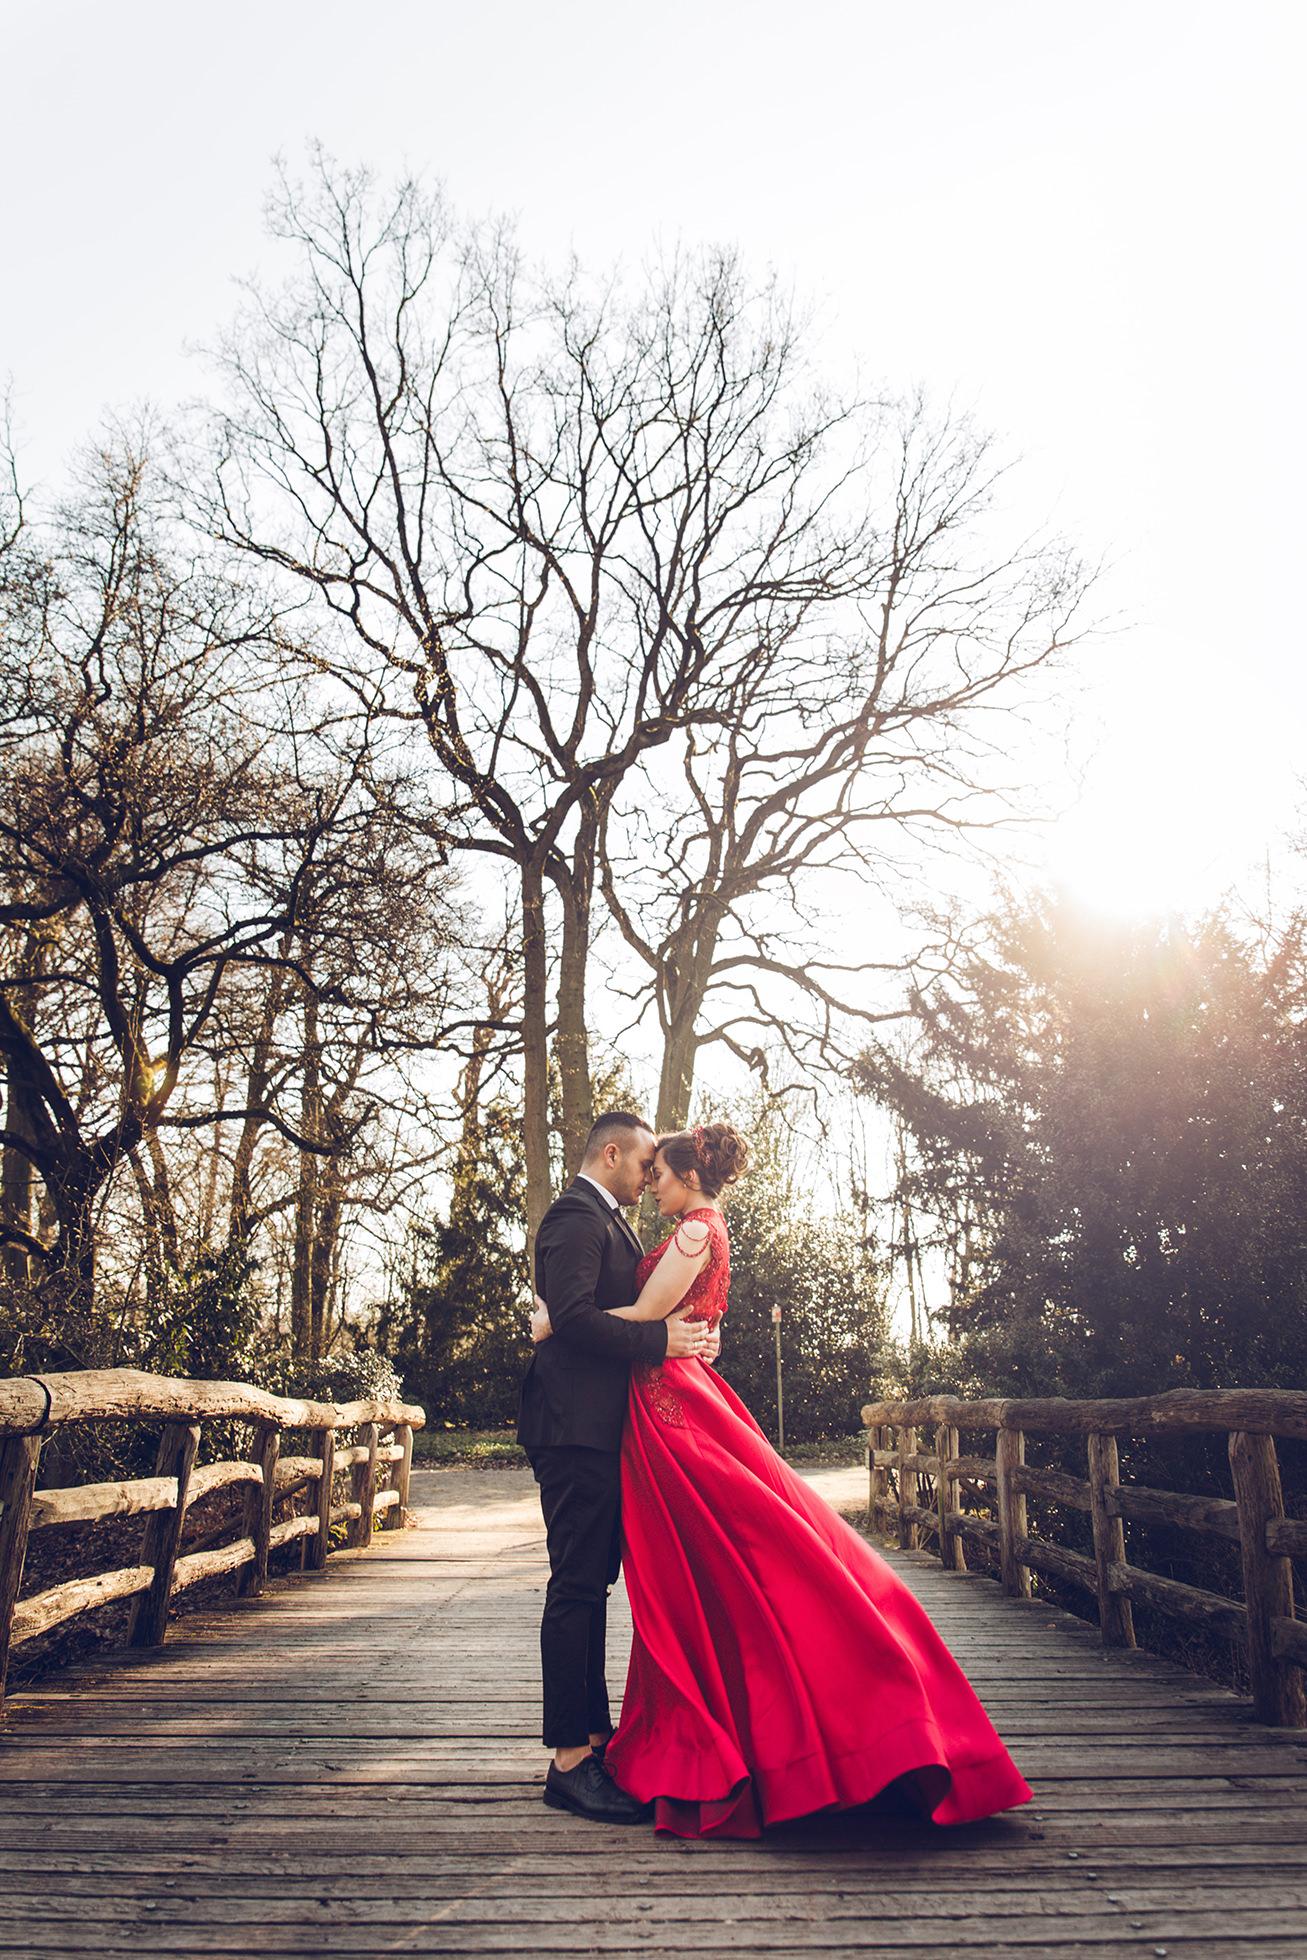 Verlobter umarmt seine Braut im roten Kleid auf der Brücke.jpg